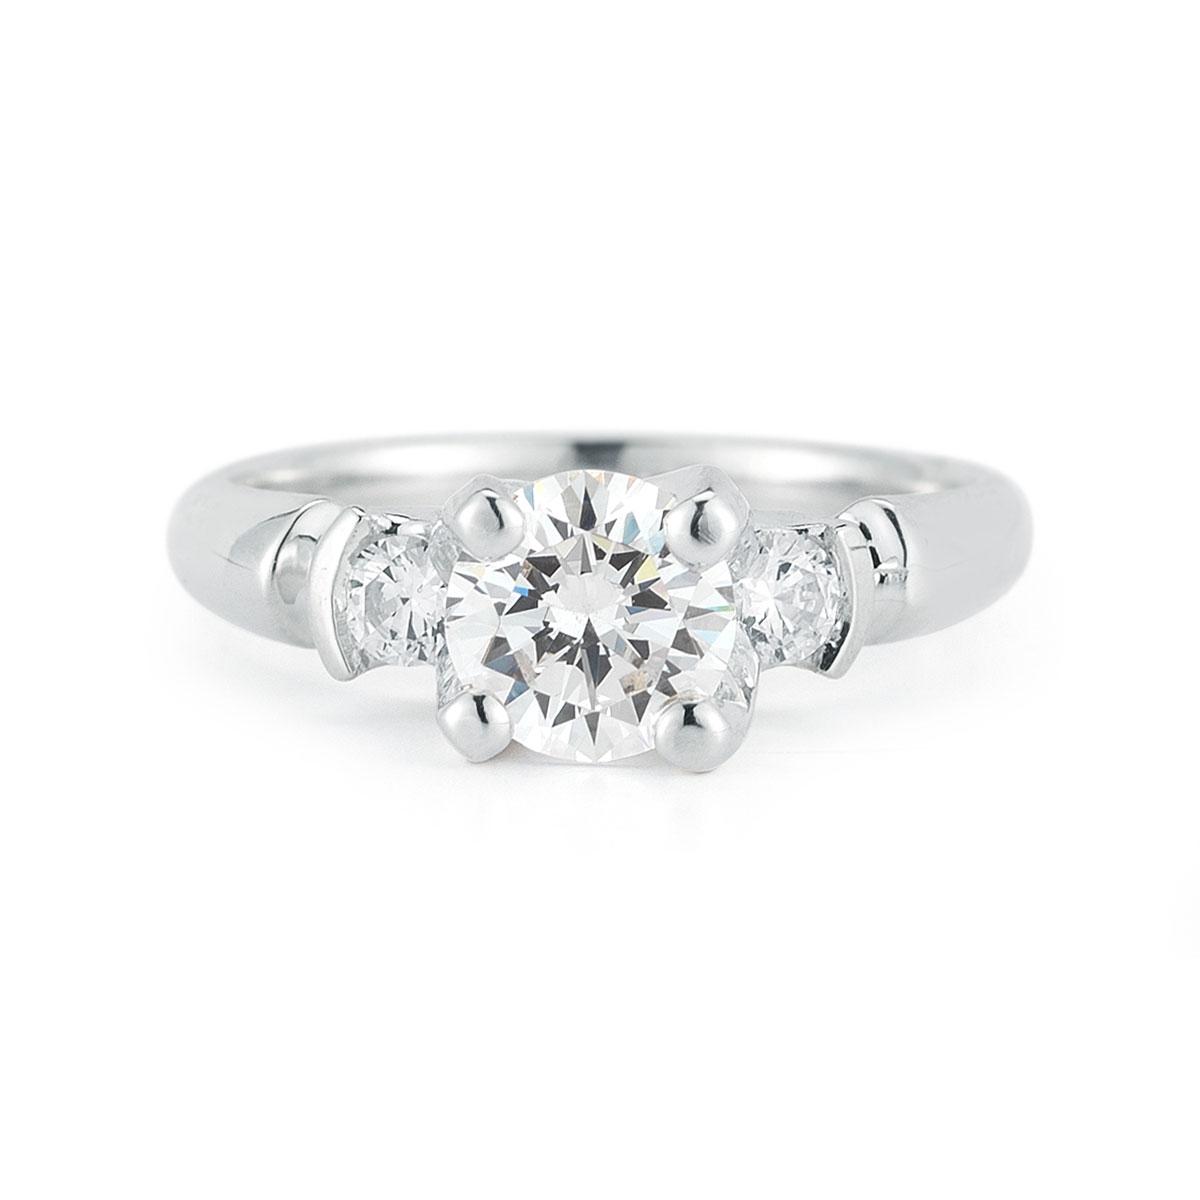 WR0220 Round Gemstone Ring